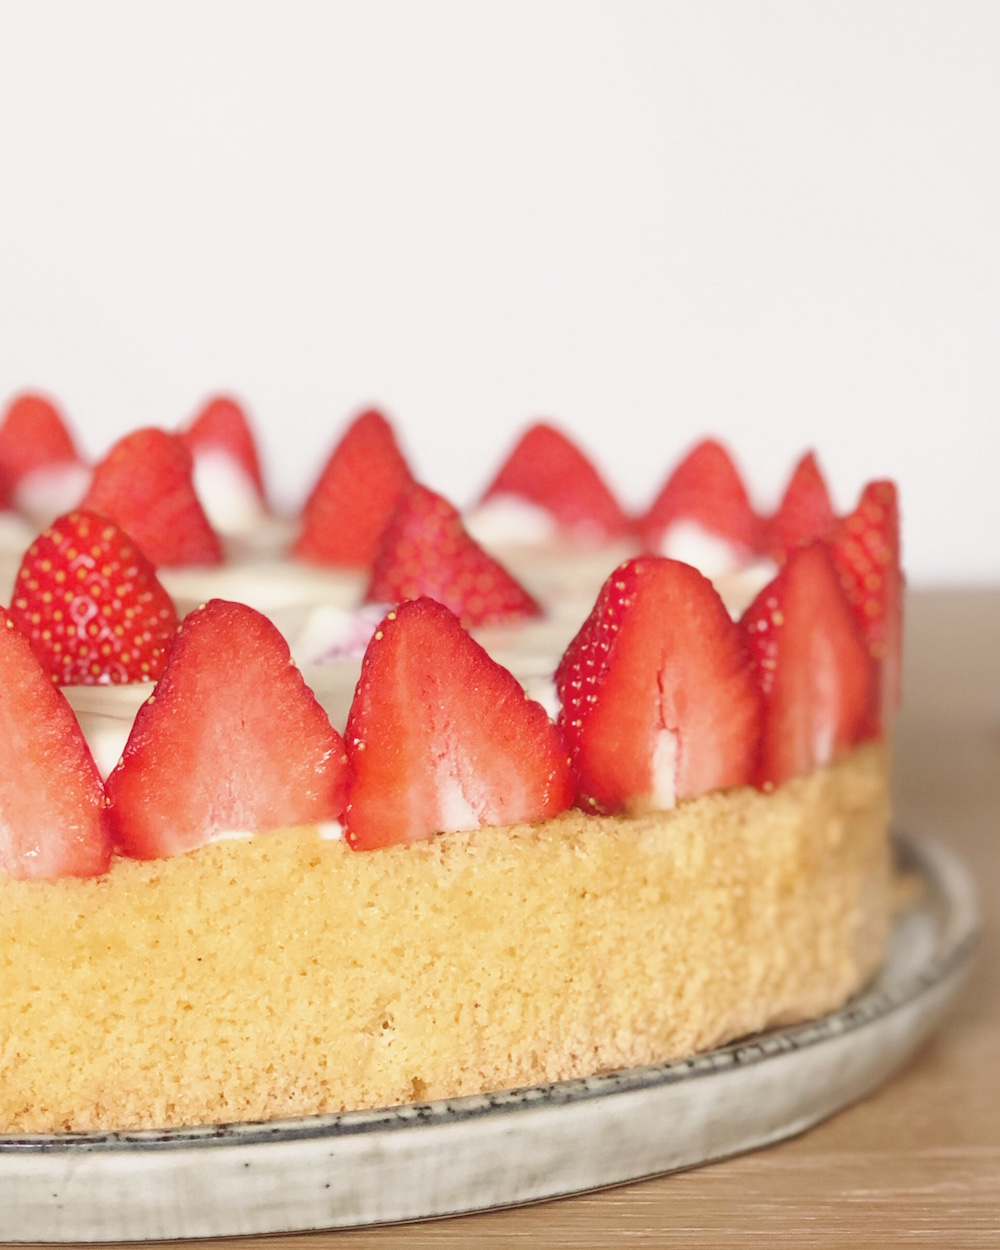 Erdbeer-Cheesecake mit weißer Schokolade